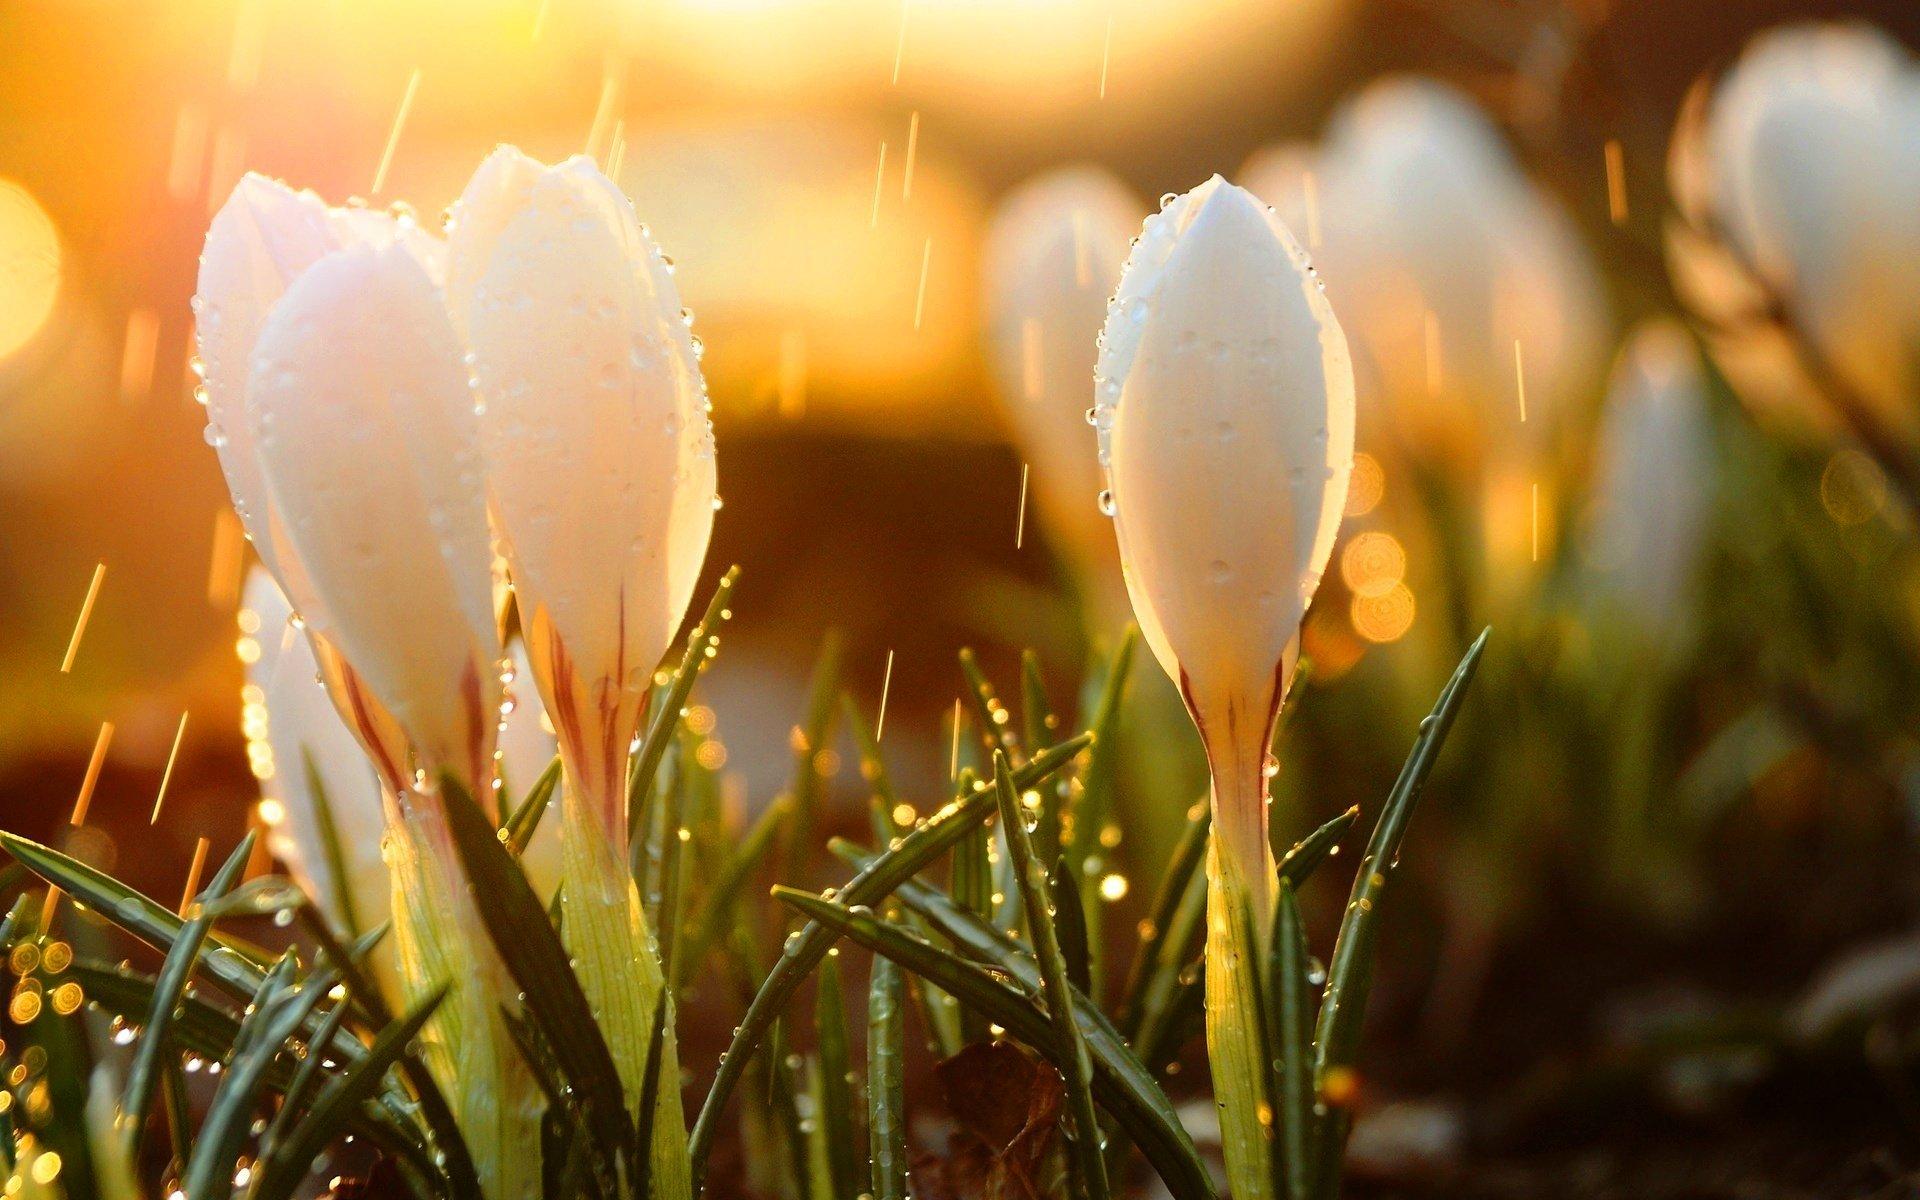 картинки ранней весны на телефон часть